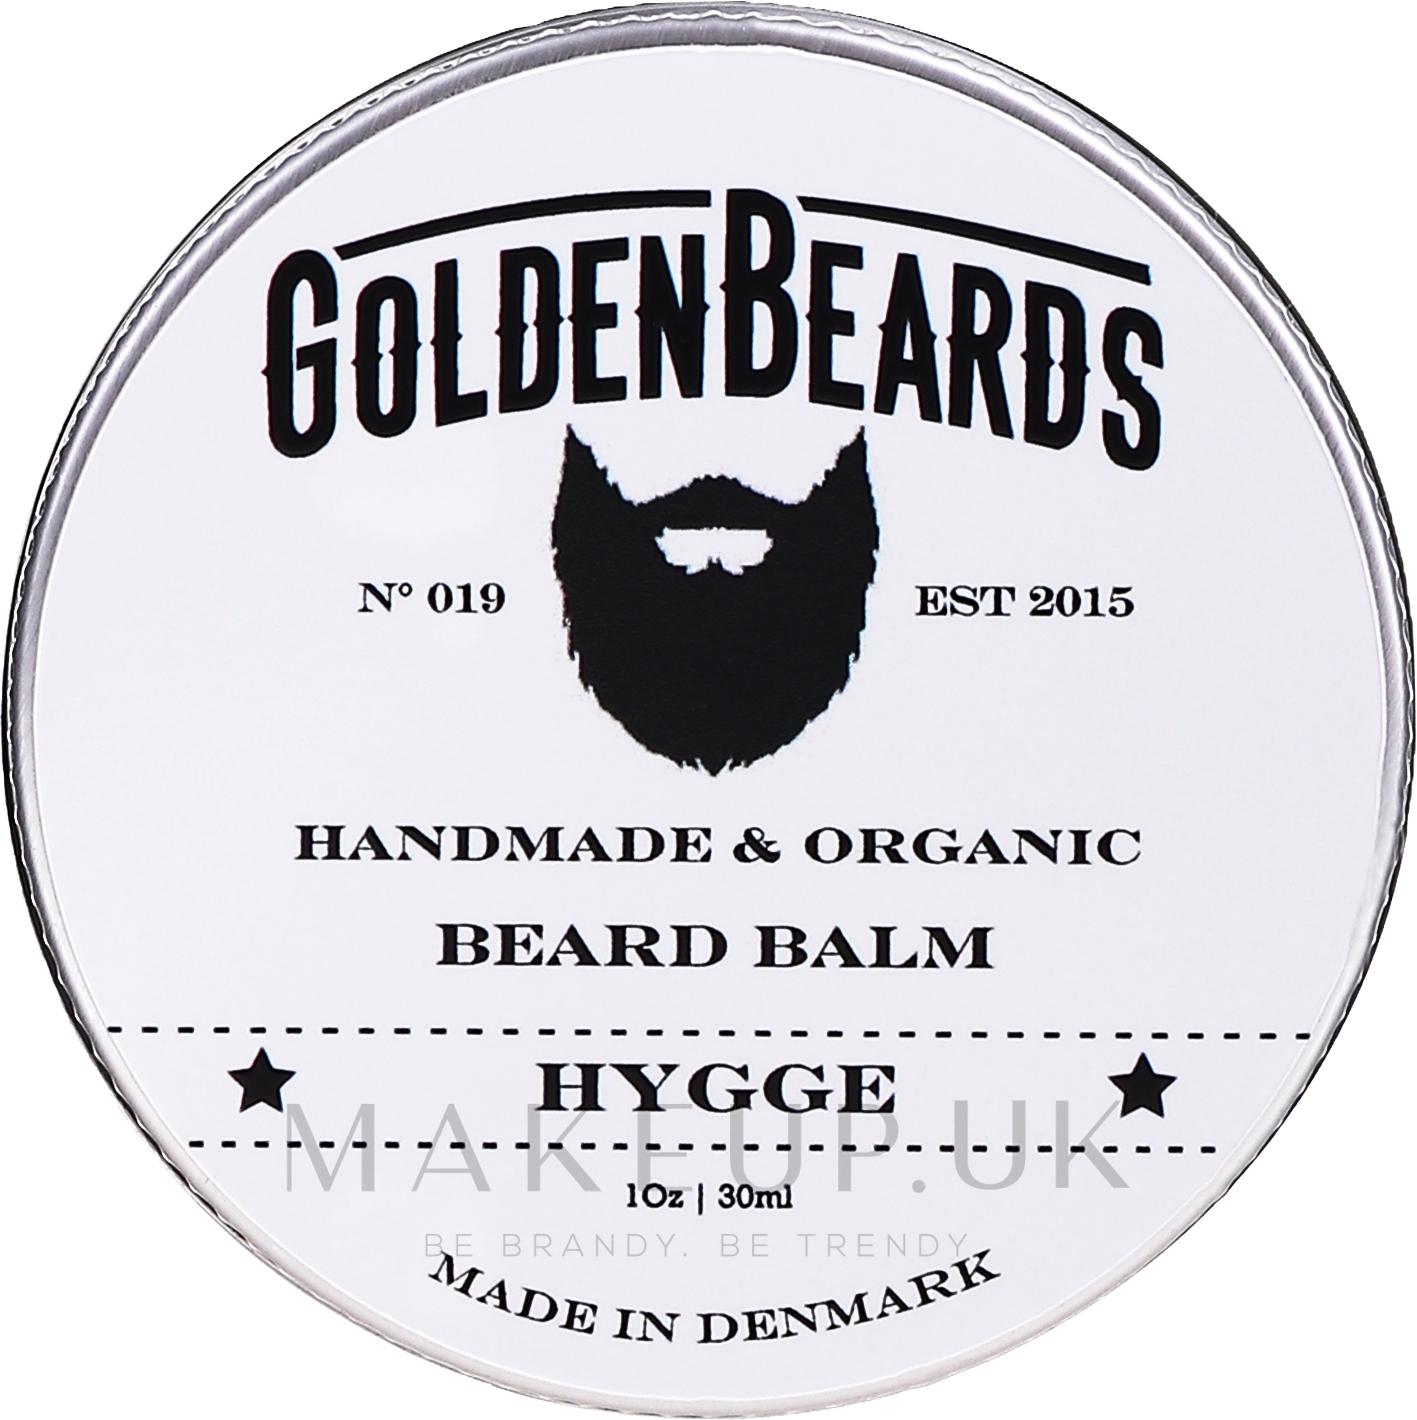 Hygge Beard Balm - Golden Beards Beard Balm — photo 30 ml